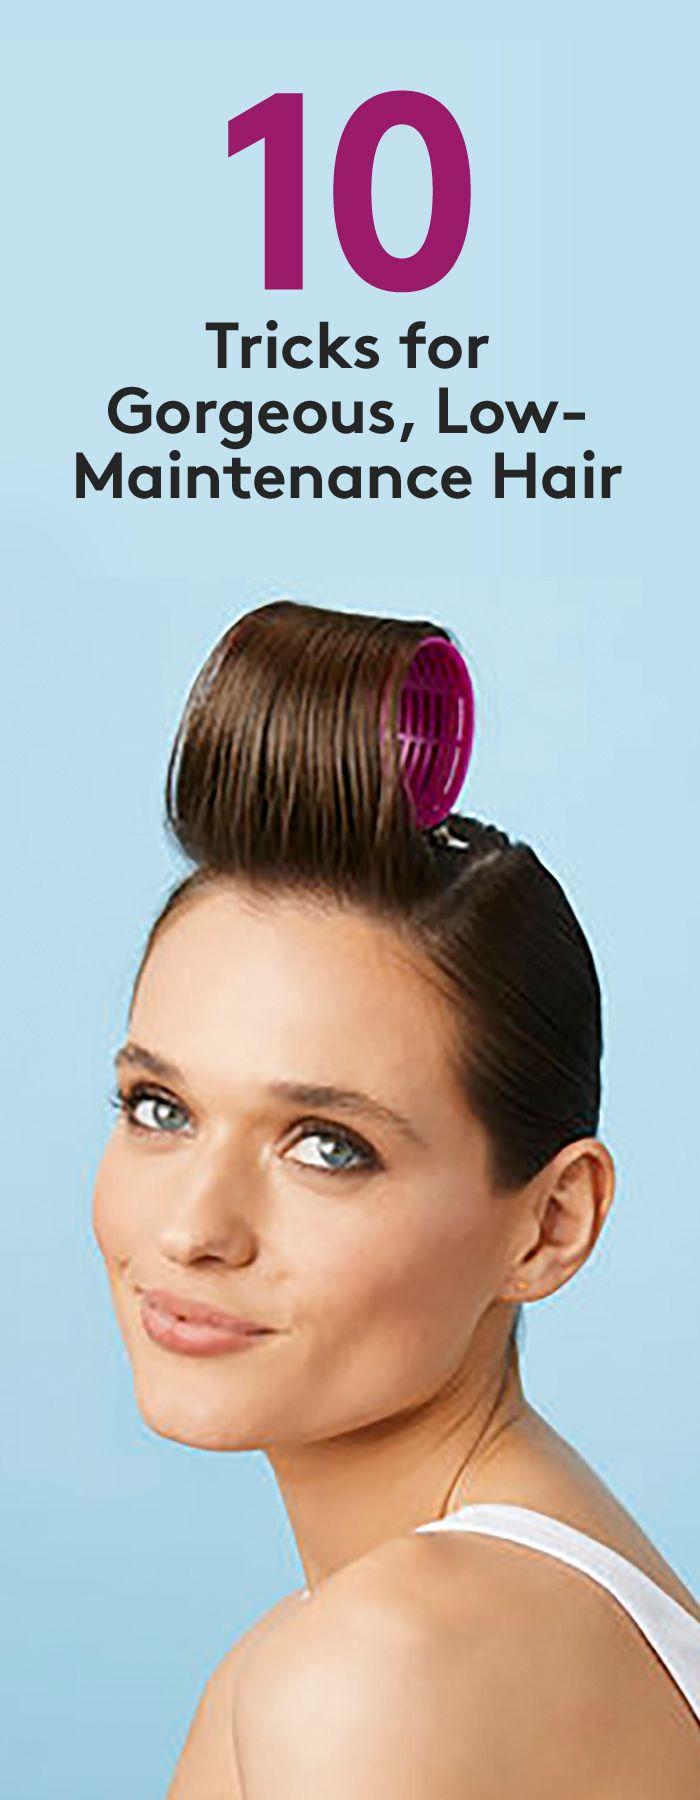 Low-Maintenance Hair Tricks | Low maintenance hair, Hair ...